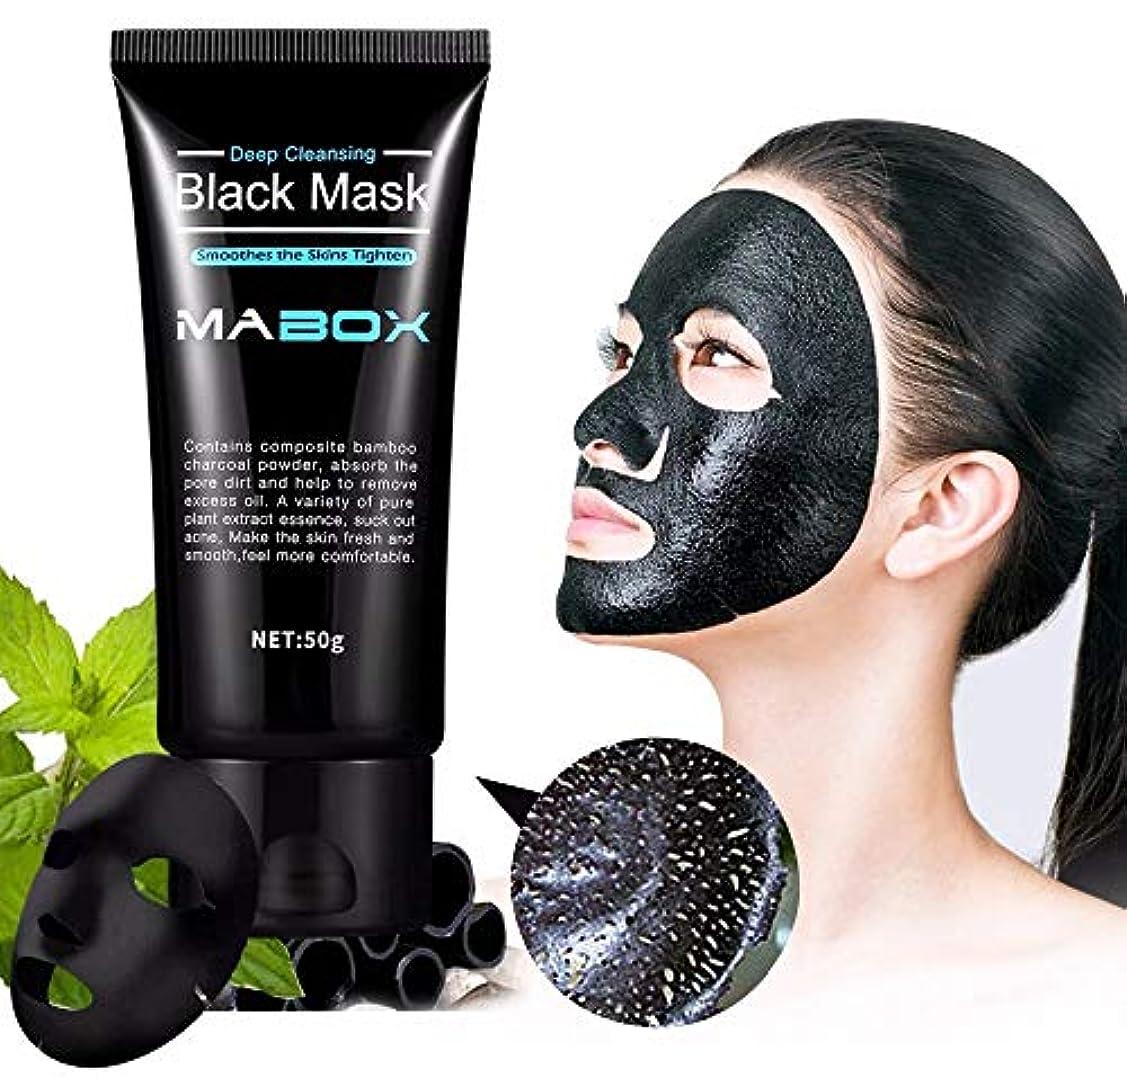 シリンダー家族定期的なMabox Black Mask Peel Off Bamboo Charcoal Purifying Blackhead Remover Mask Deep Cleansing for AcneScars Blemishes...